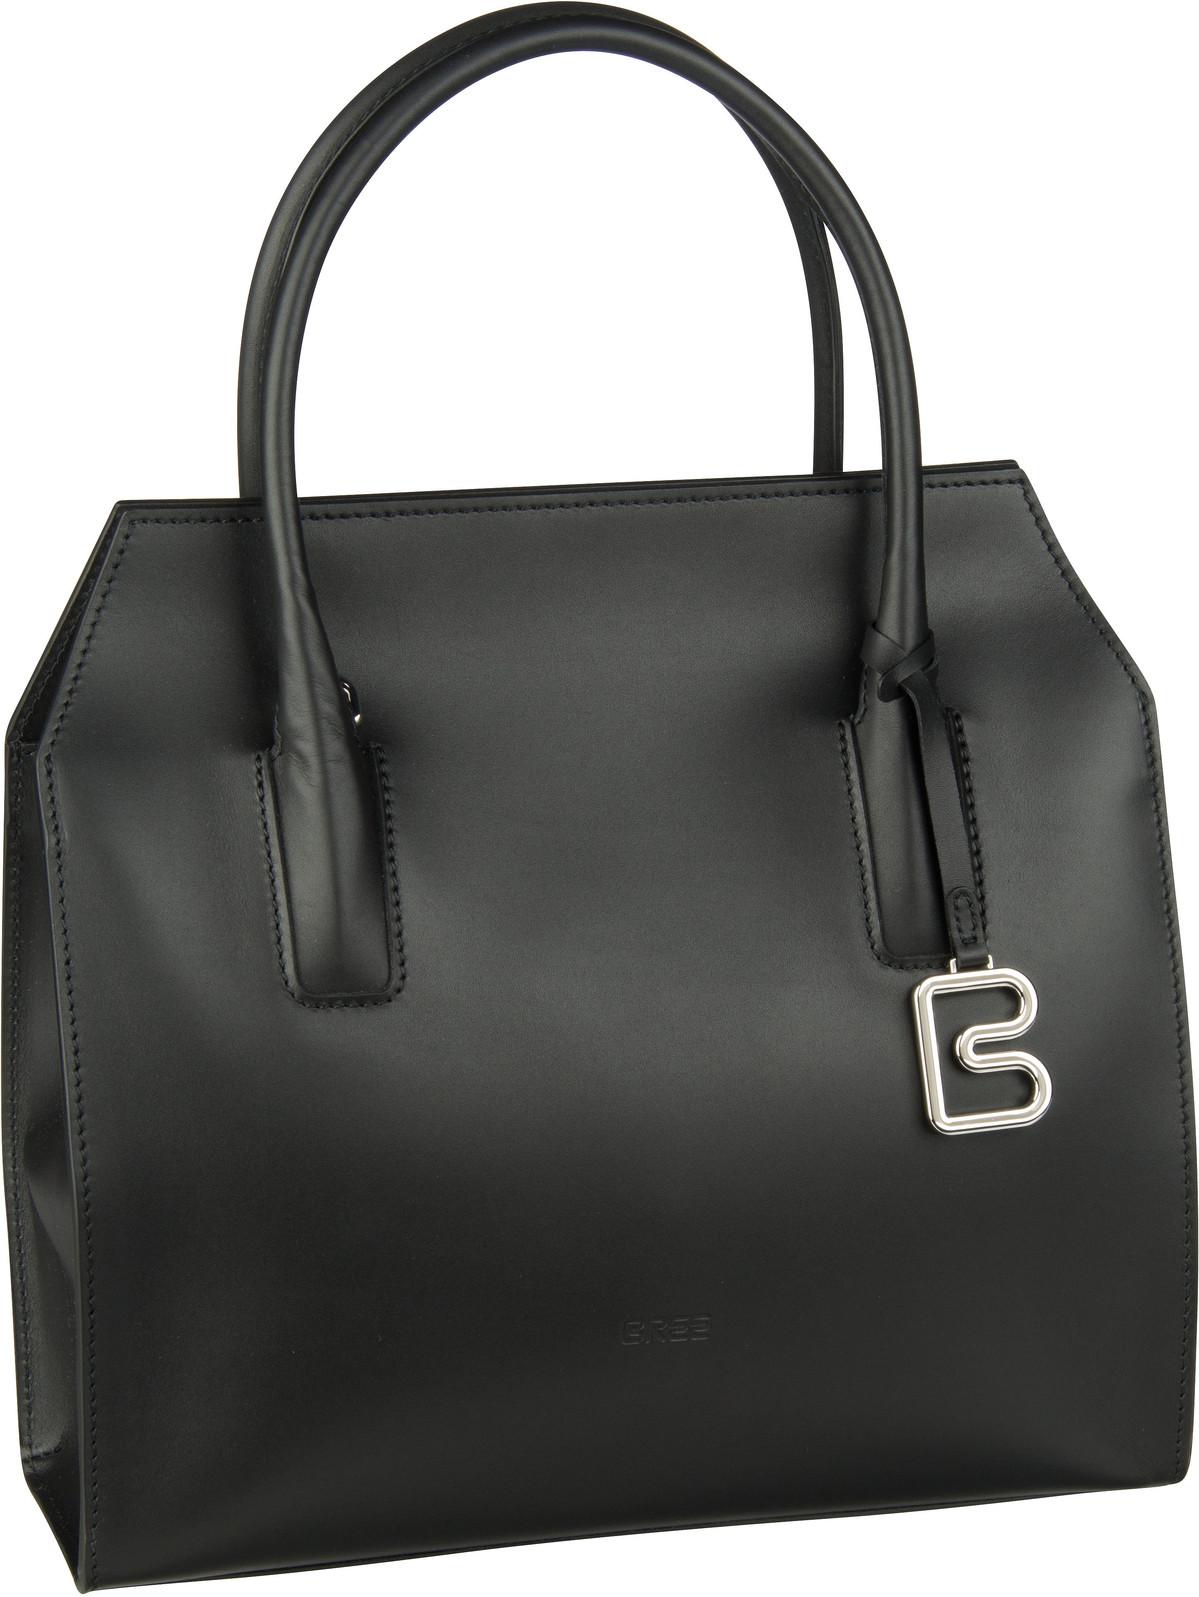 Handtasche Cambridge 14 Black (5 Liter)